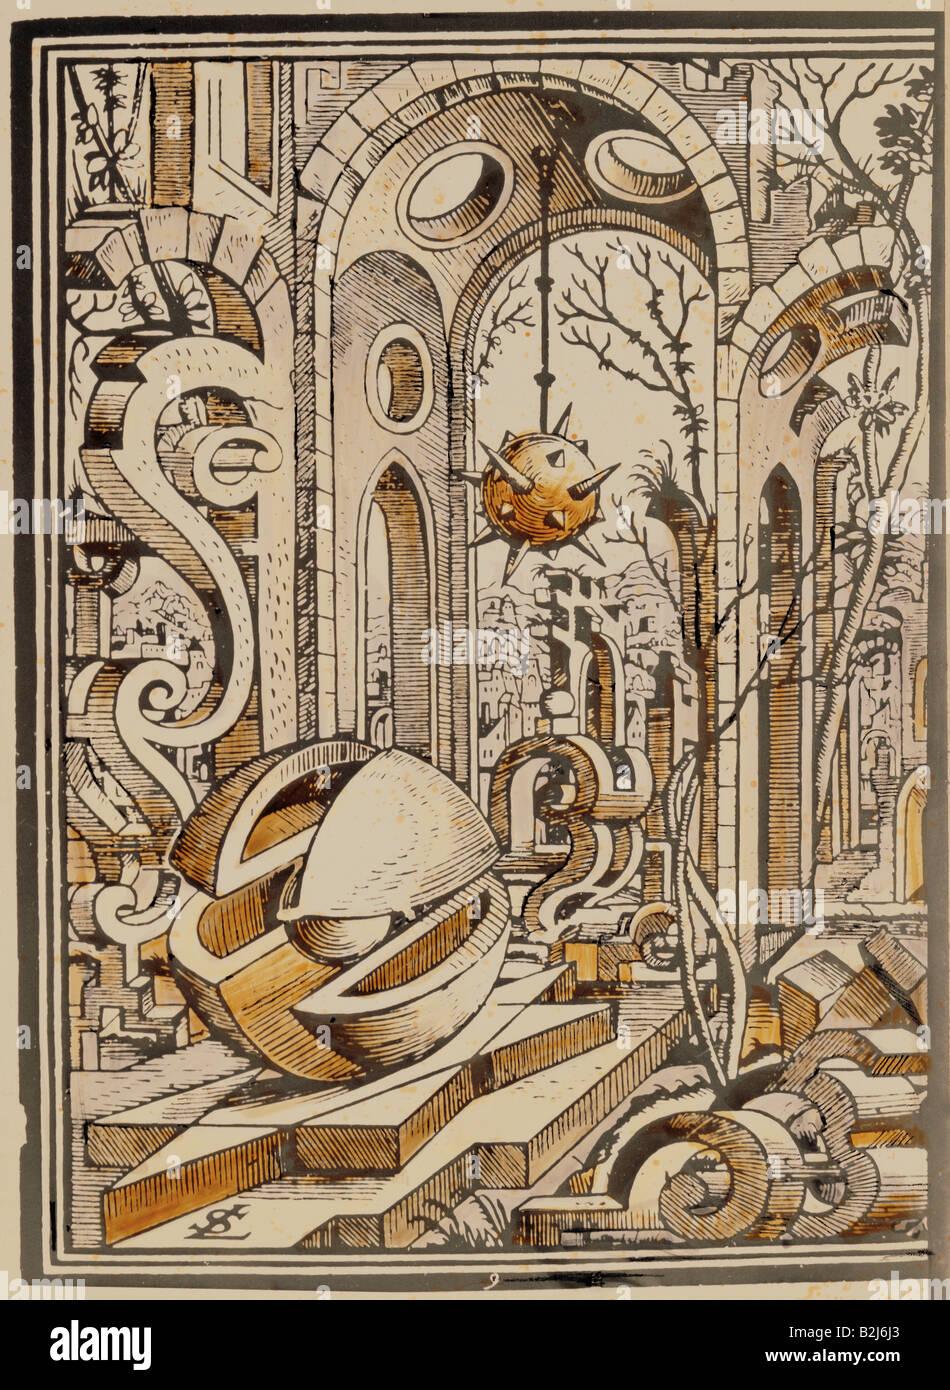 """La science, la géométrie, paysage géométrique, gravure sur cuivre, """"Geometria et Perspectiva' Photo Stock"""